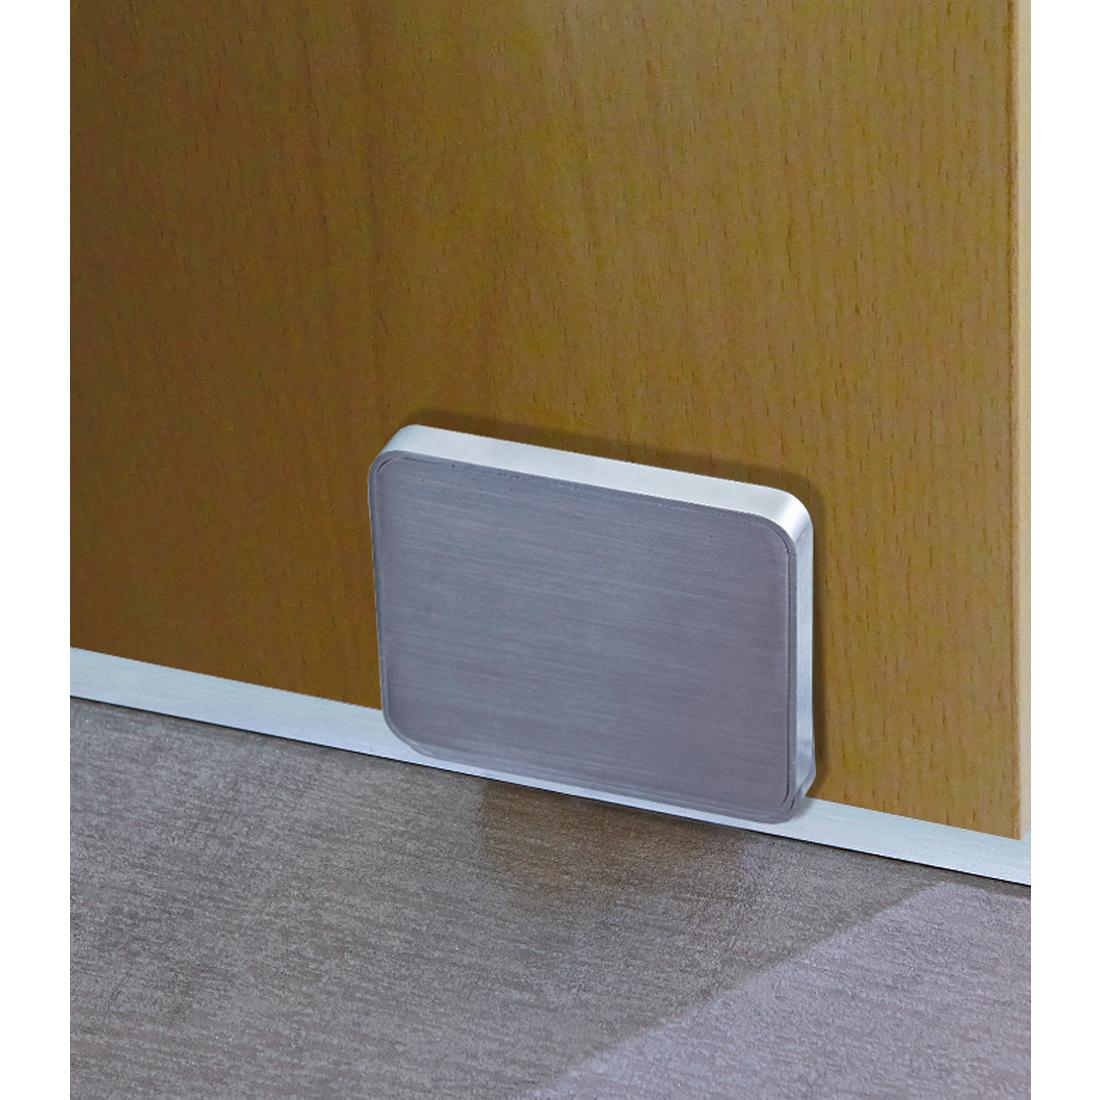 Q-BOX FOR WOODEN DOORS